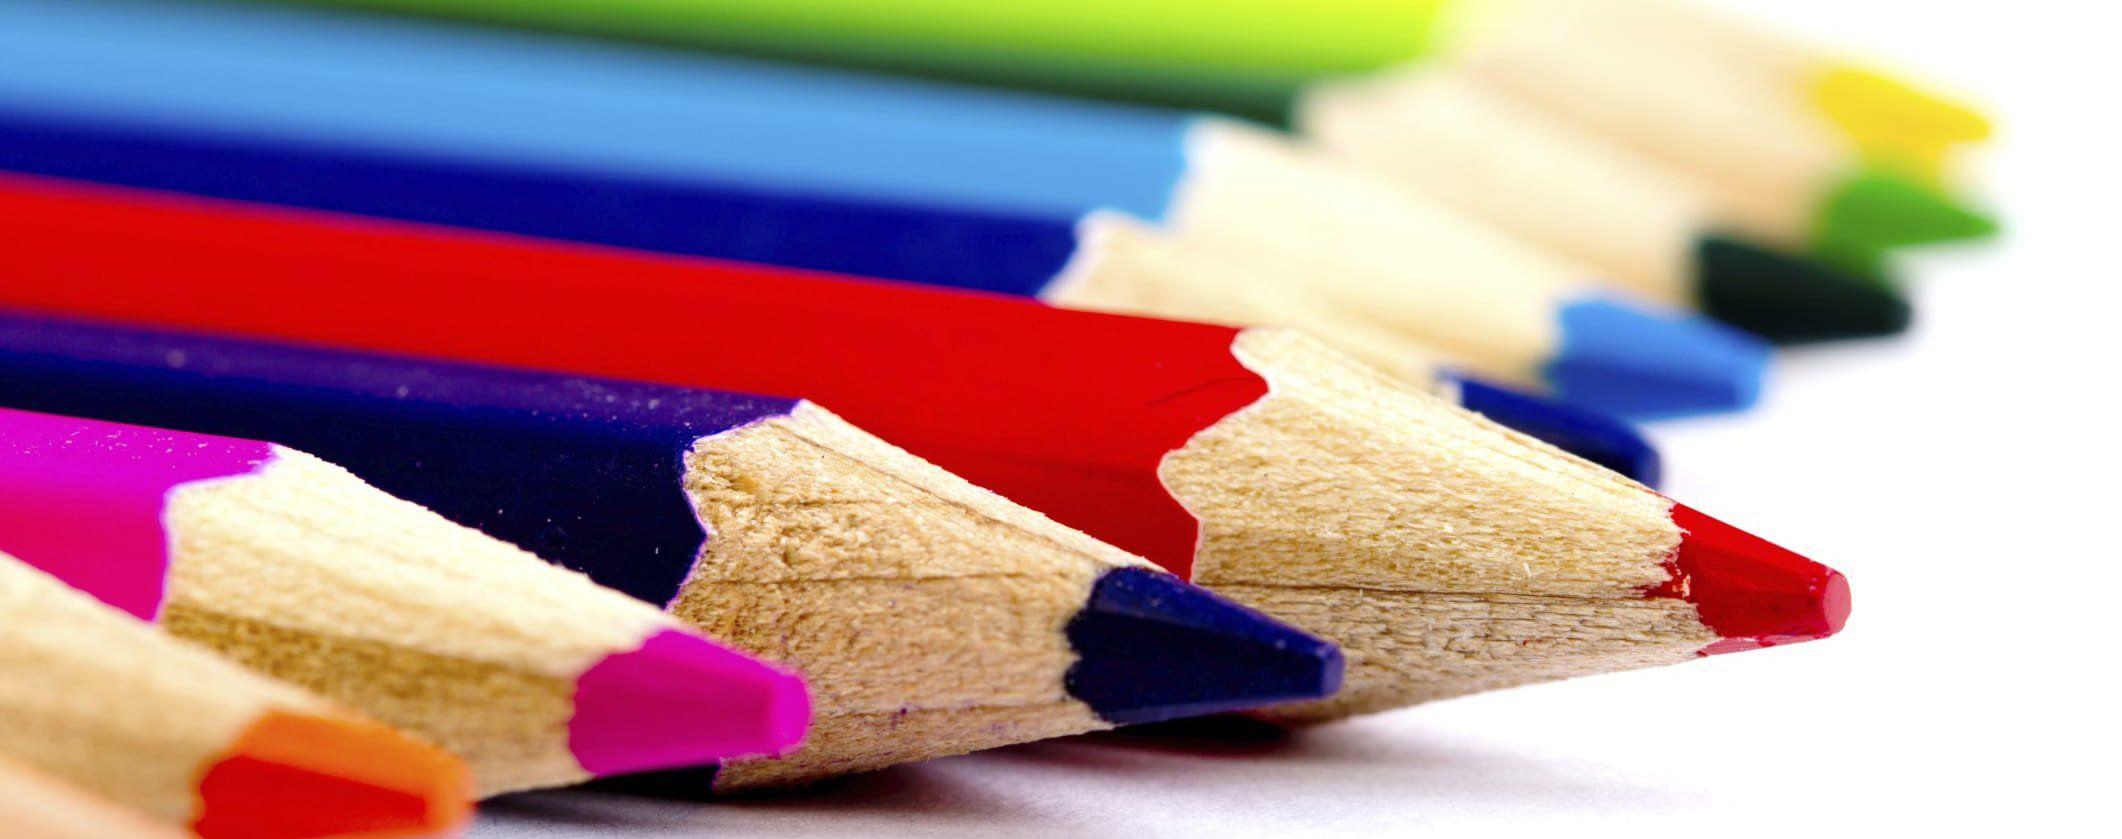 come riciclare le matite colorate 1 2